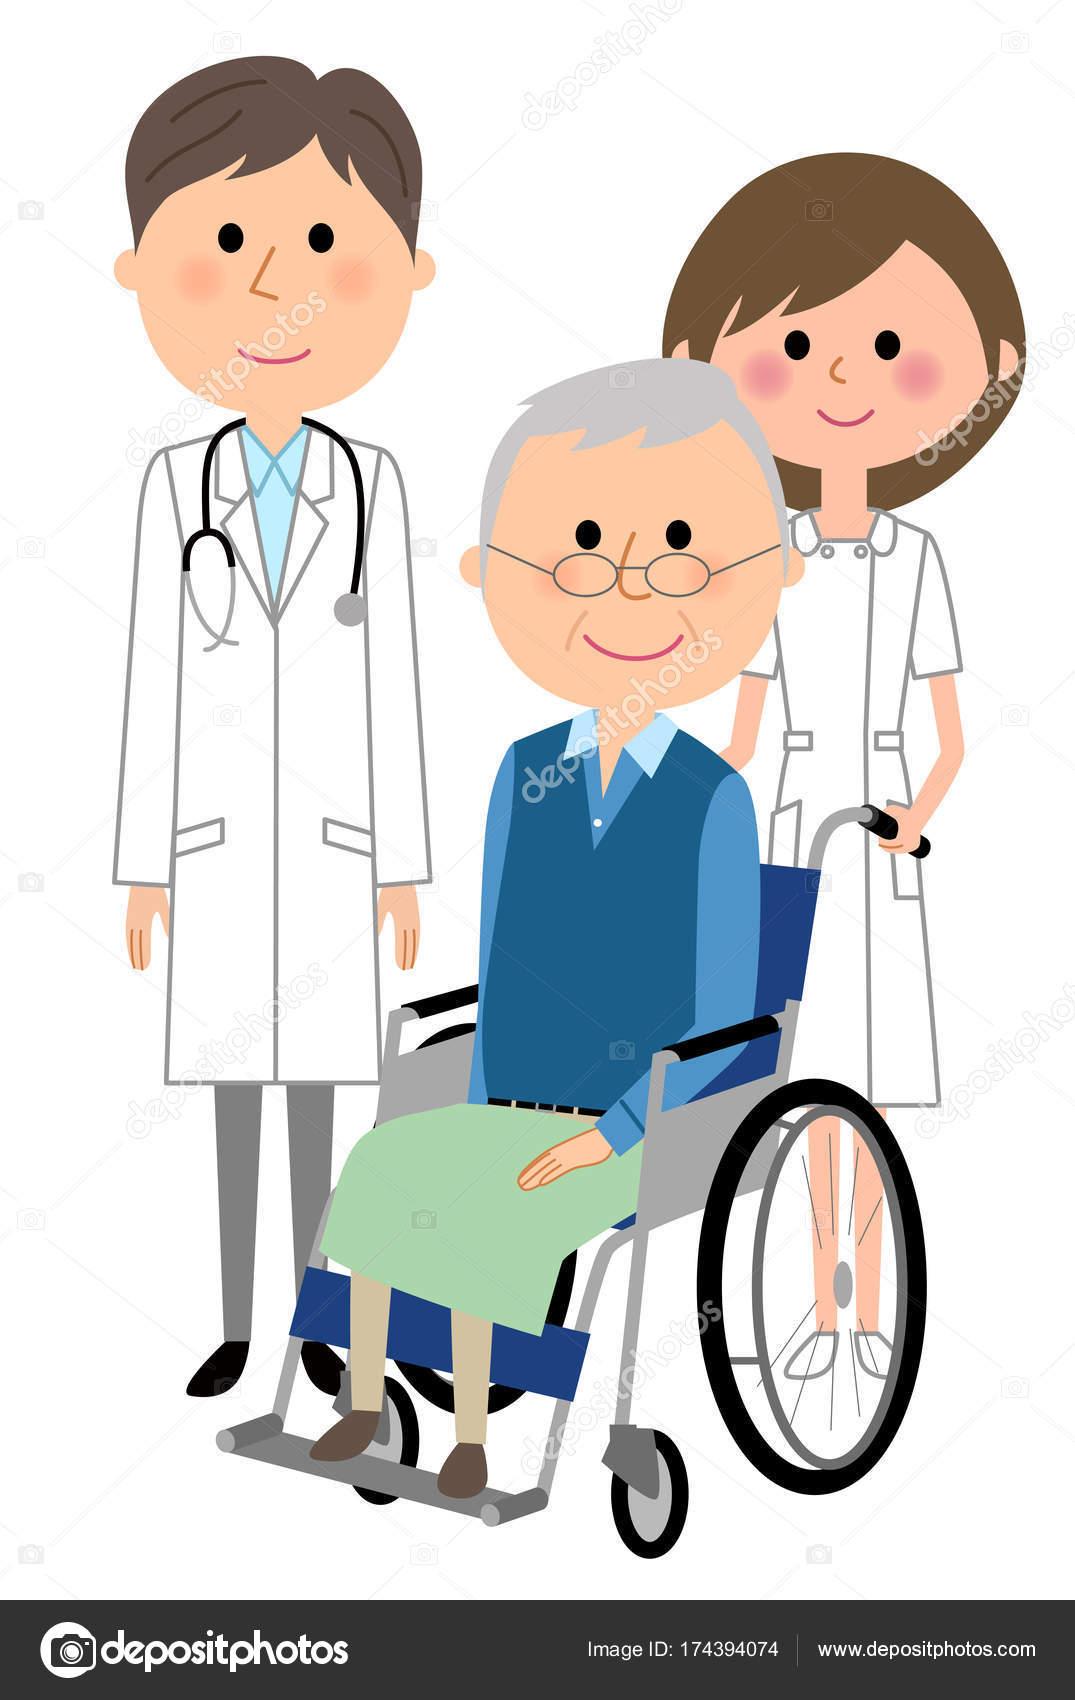 看護師 看護師 患者の患者 イラスト ストックベクター Studiolaut